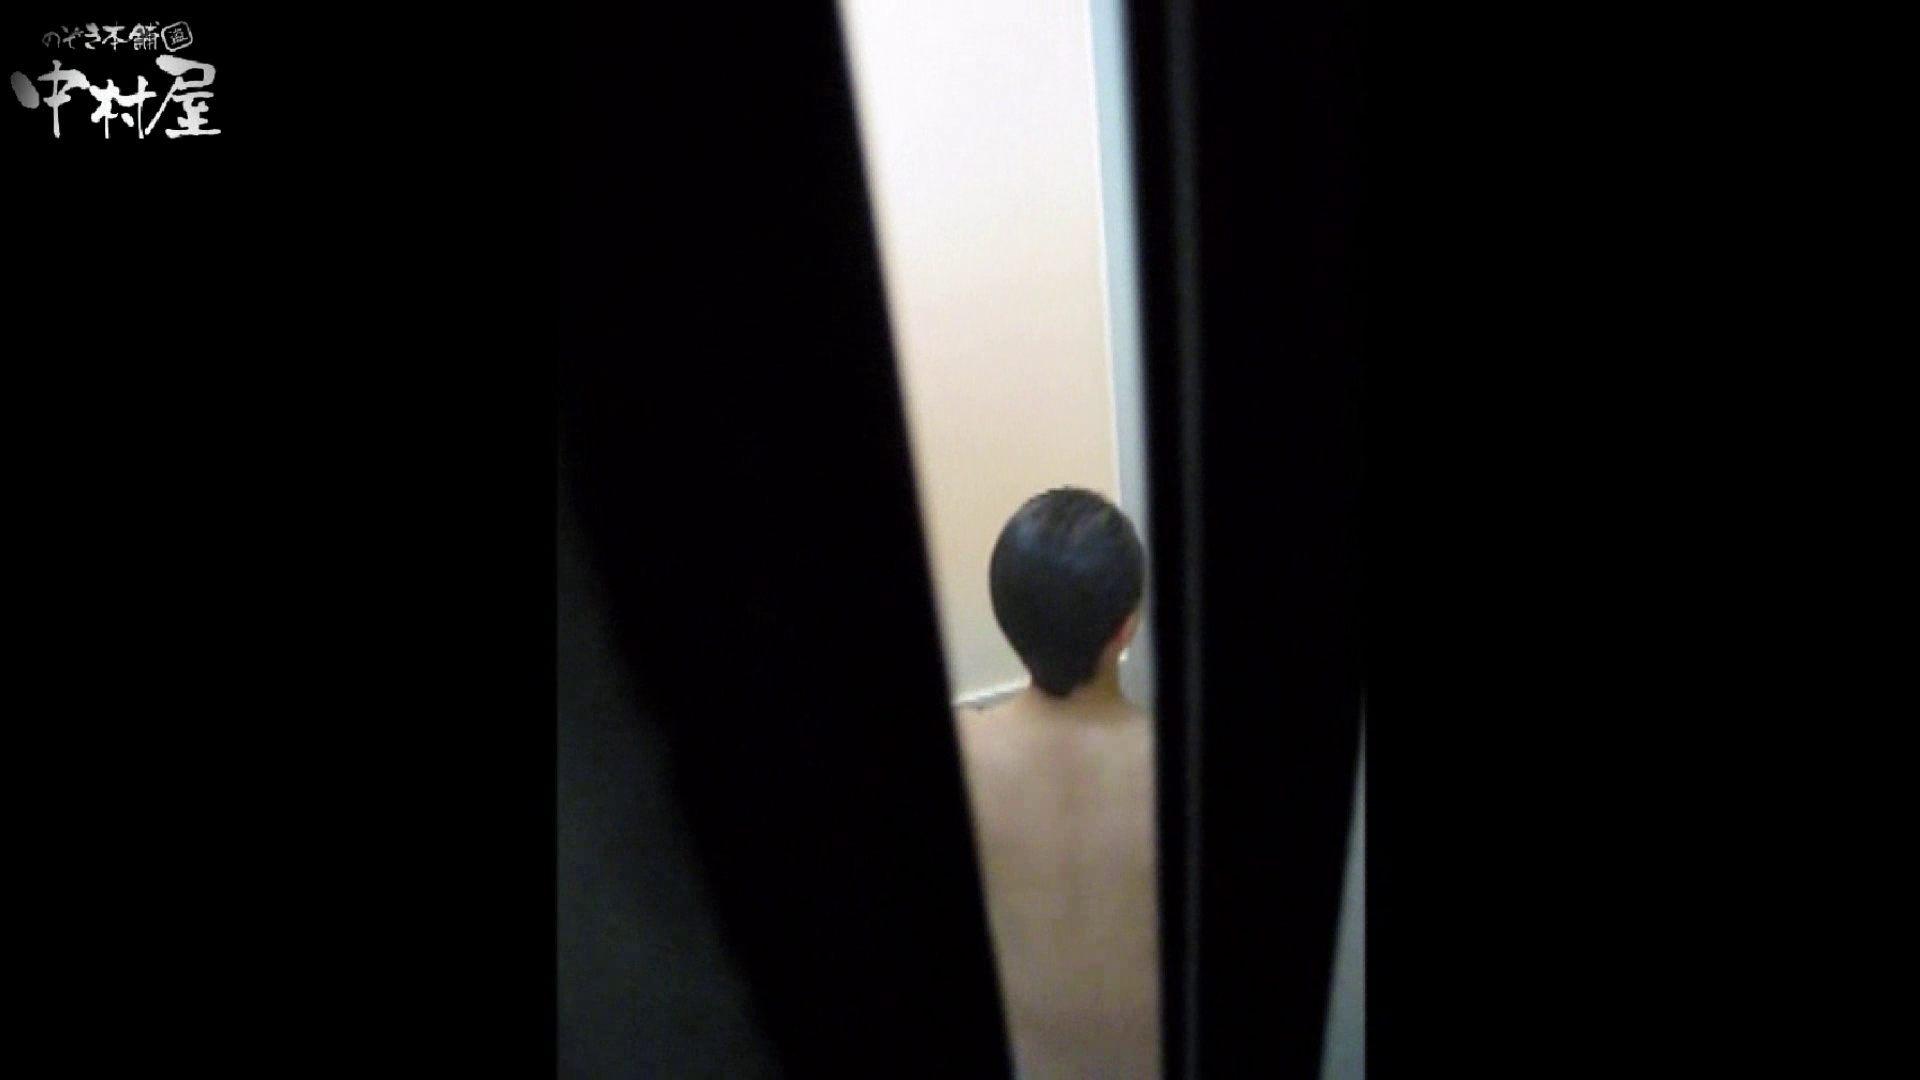 民家風呂専門盗撮師の超危険映像 vol.006 盗撮 ヌード画像 109連発 87